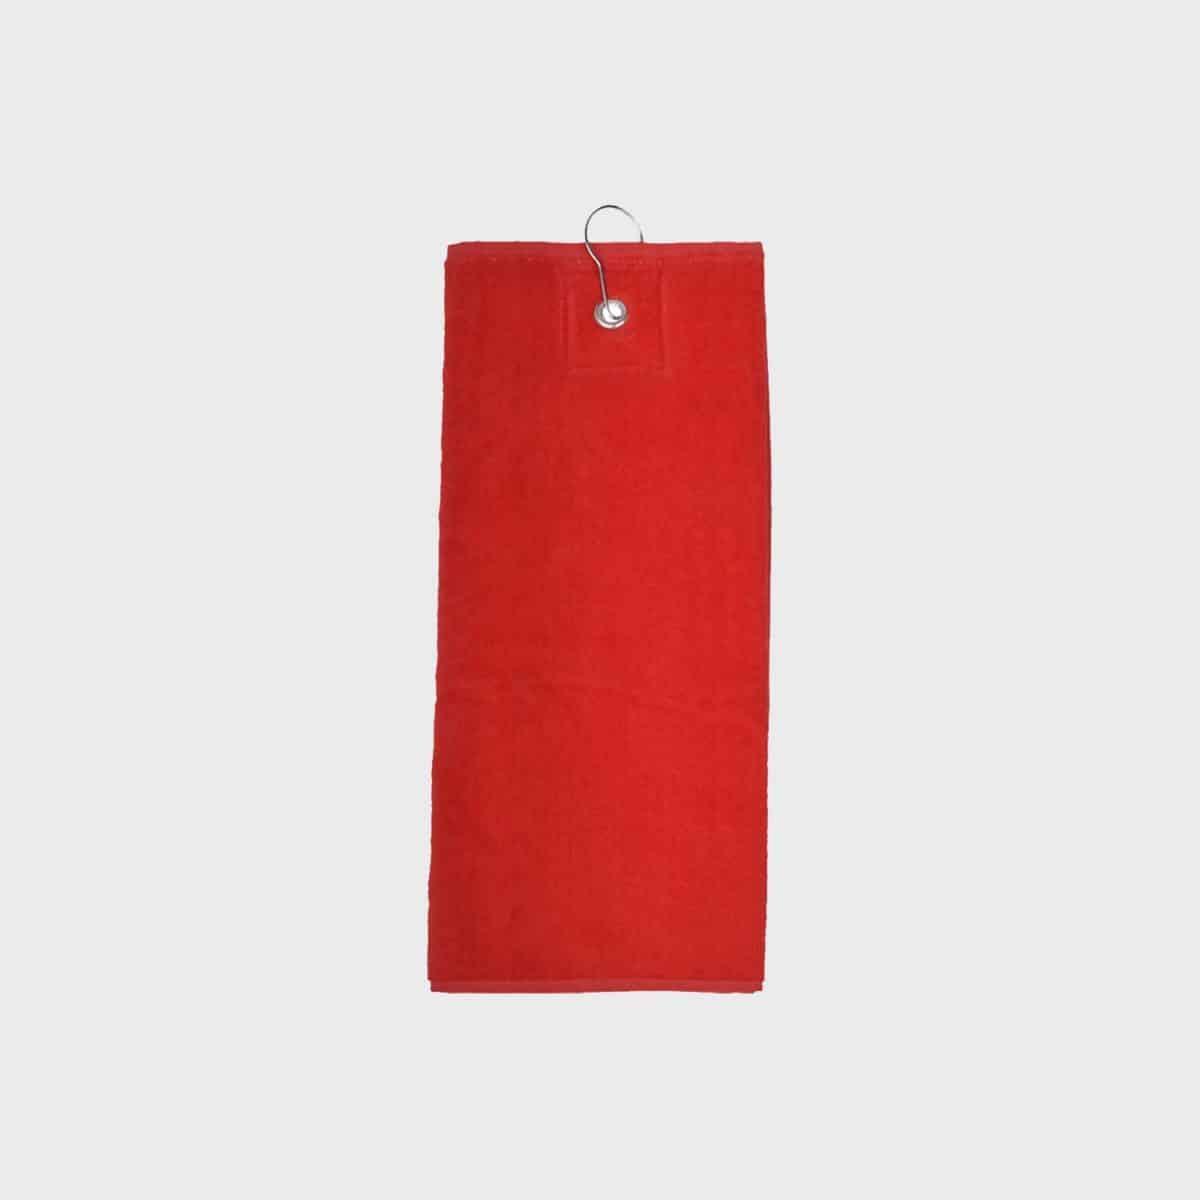 Golf-Handtuch-Frottee-kaufen-besticken_StickManufaktur